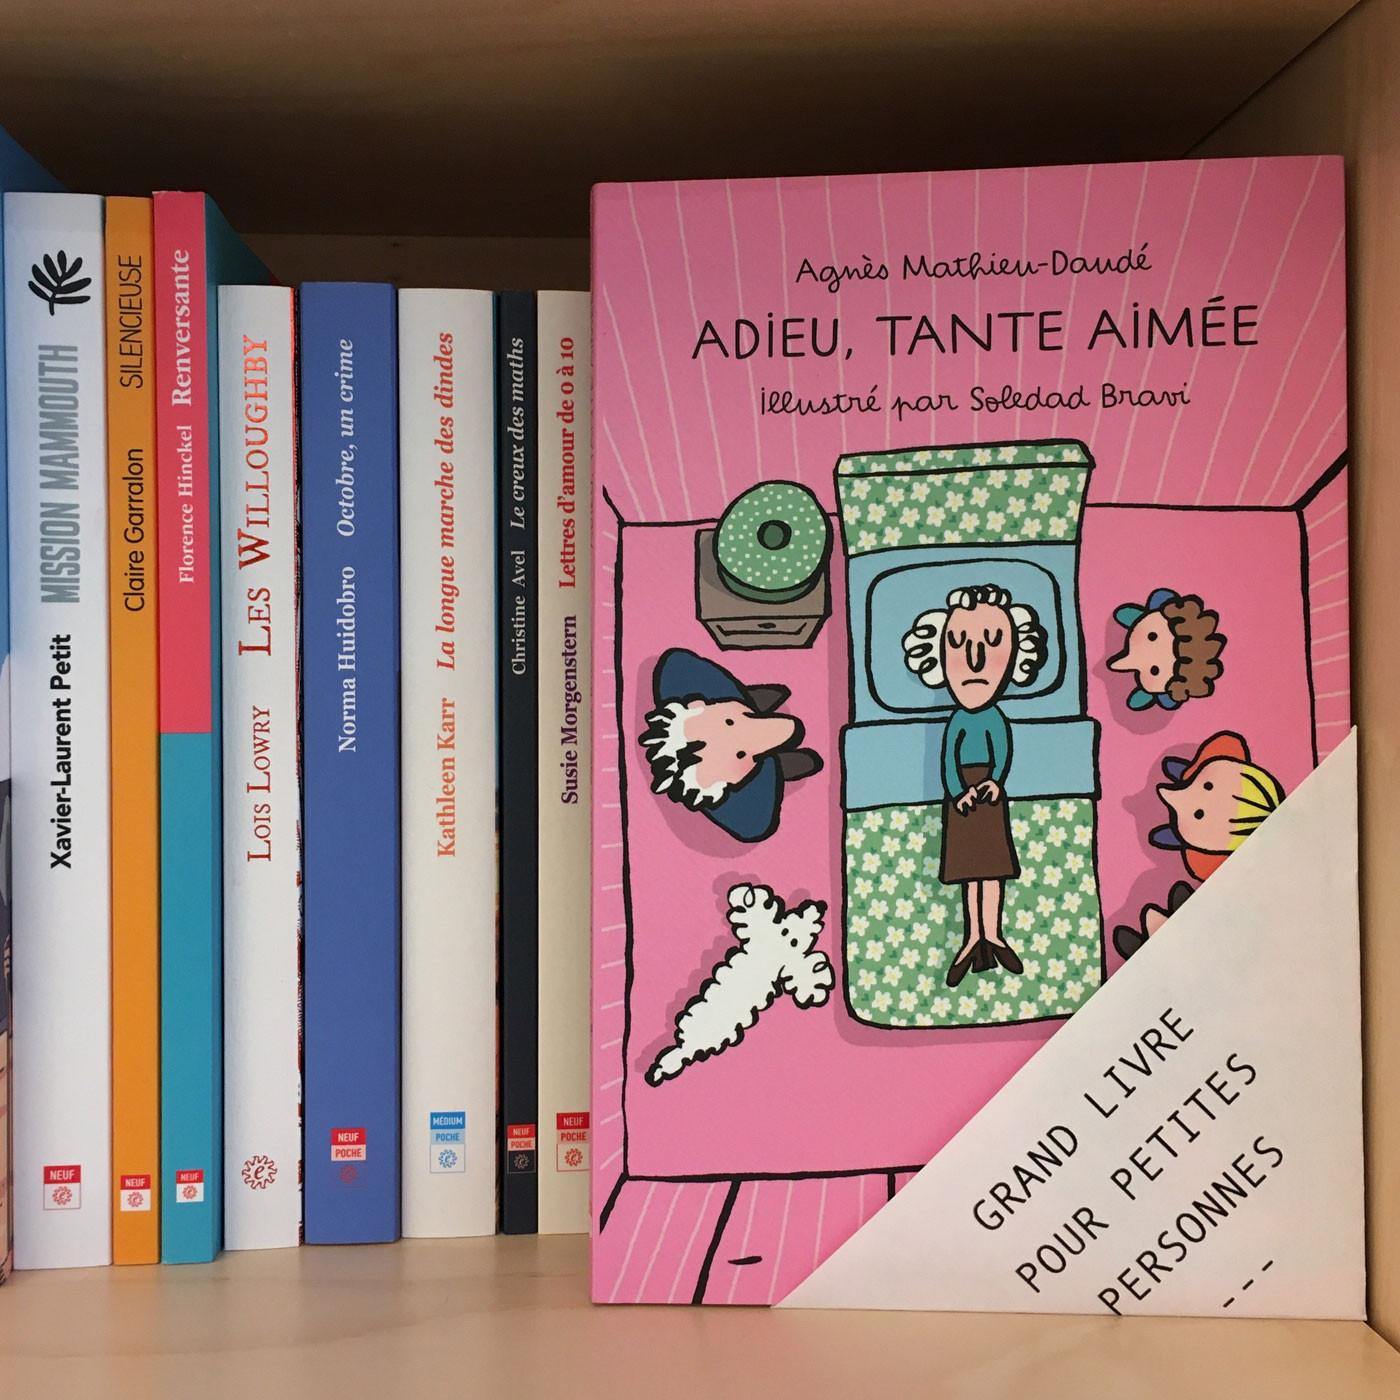 Grands livres pour petites personnes #19 - Adieu, tante Aimée